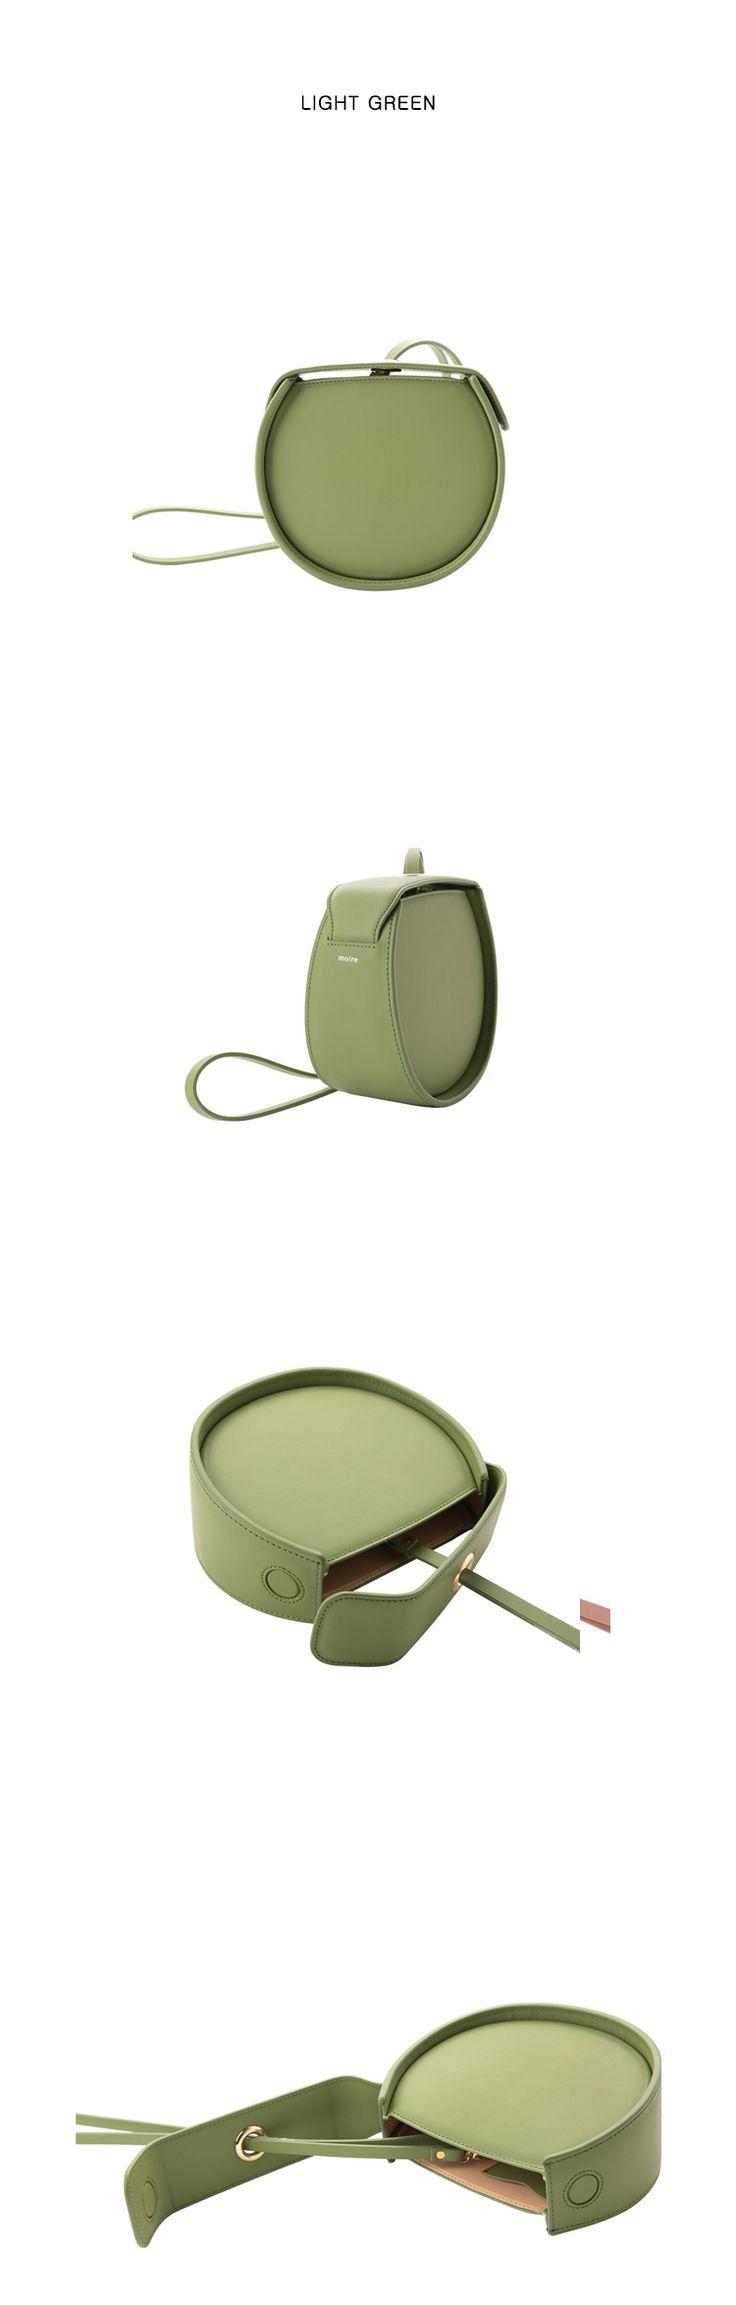 MOIRE Новый rollingbag - светло-зеленый